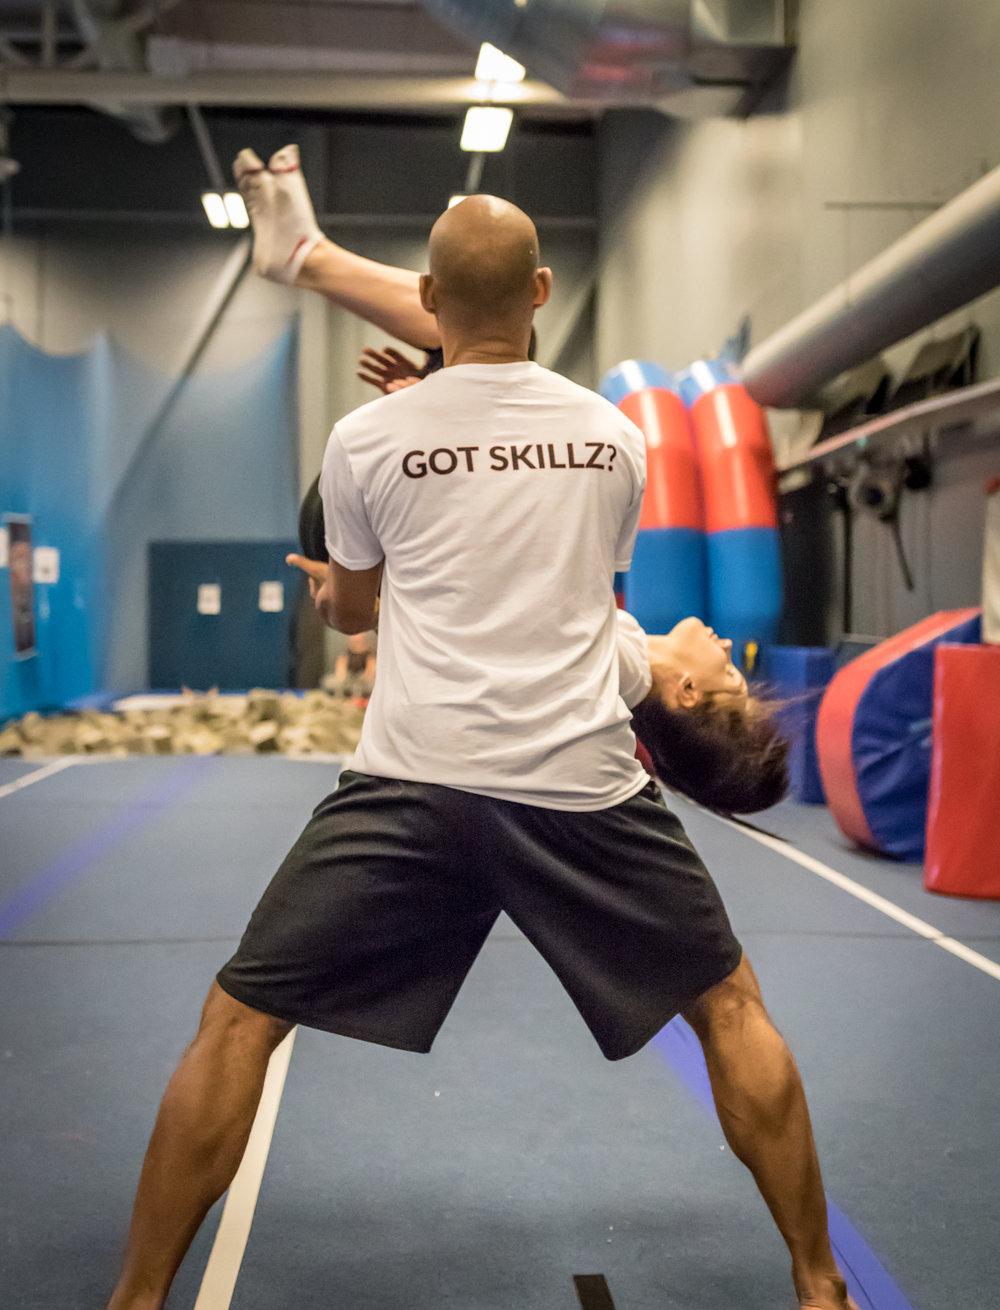 Got Skillz? 1